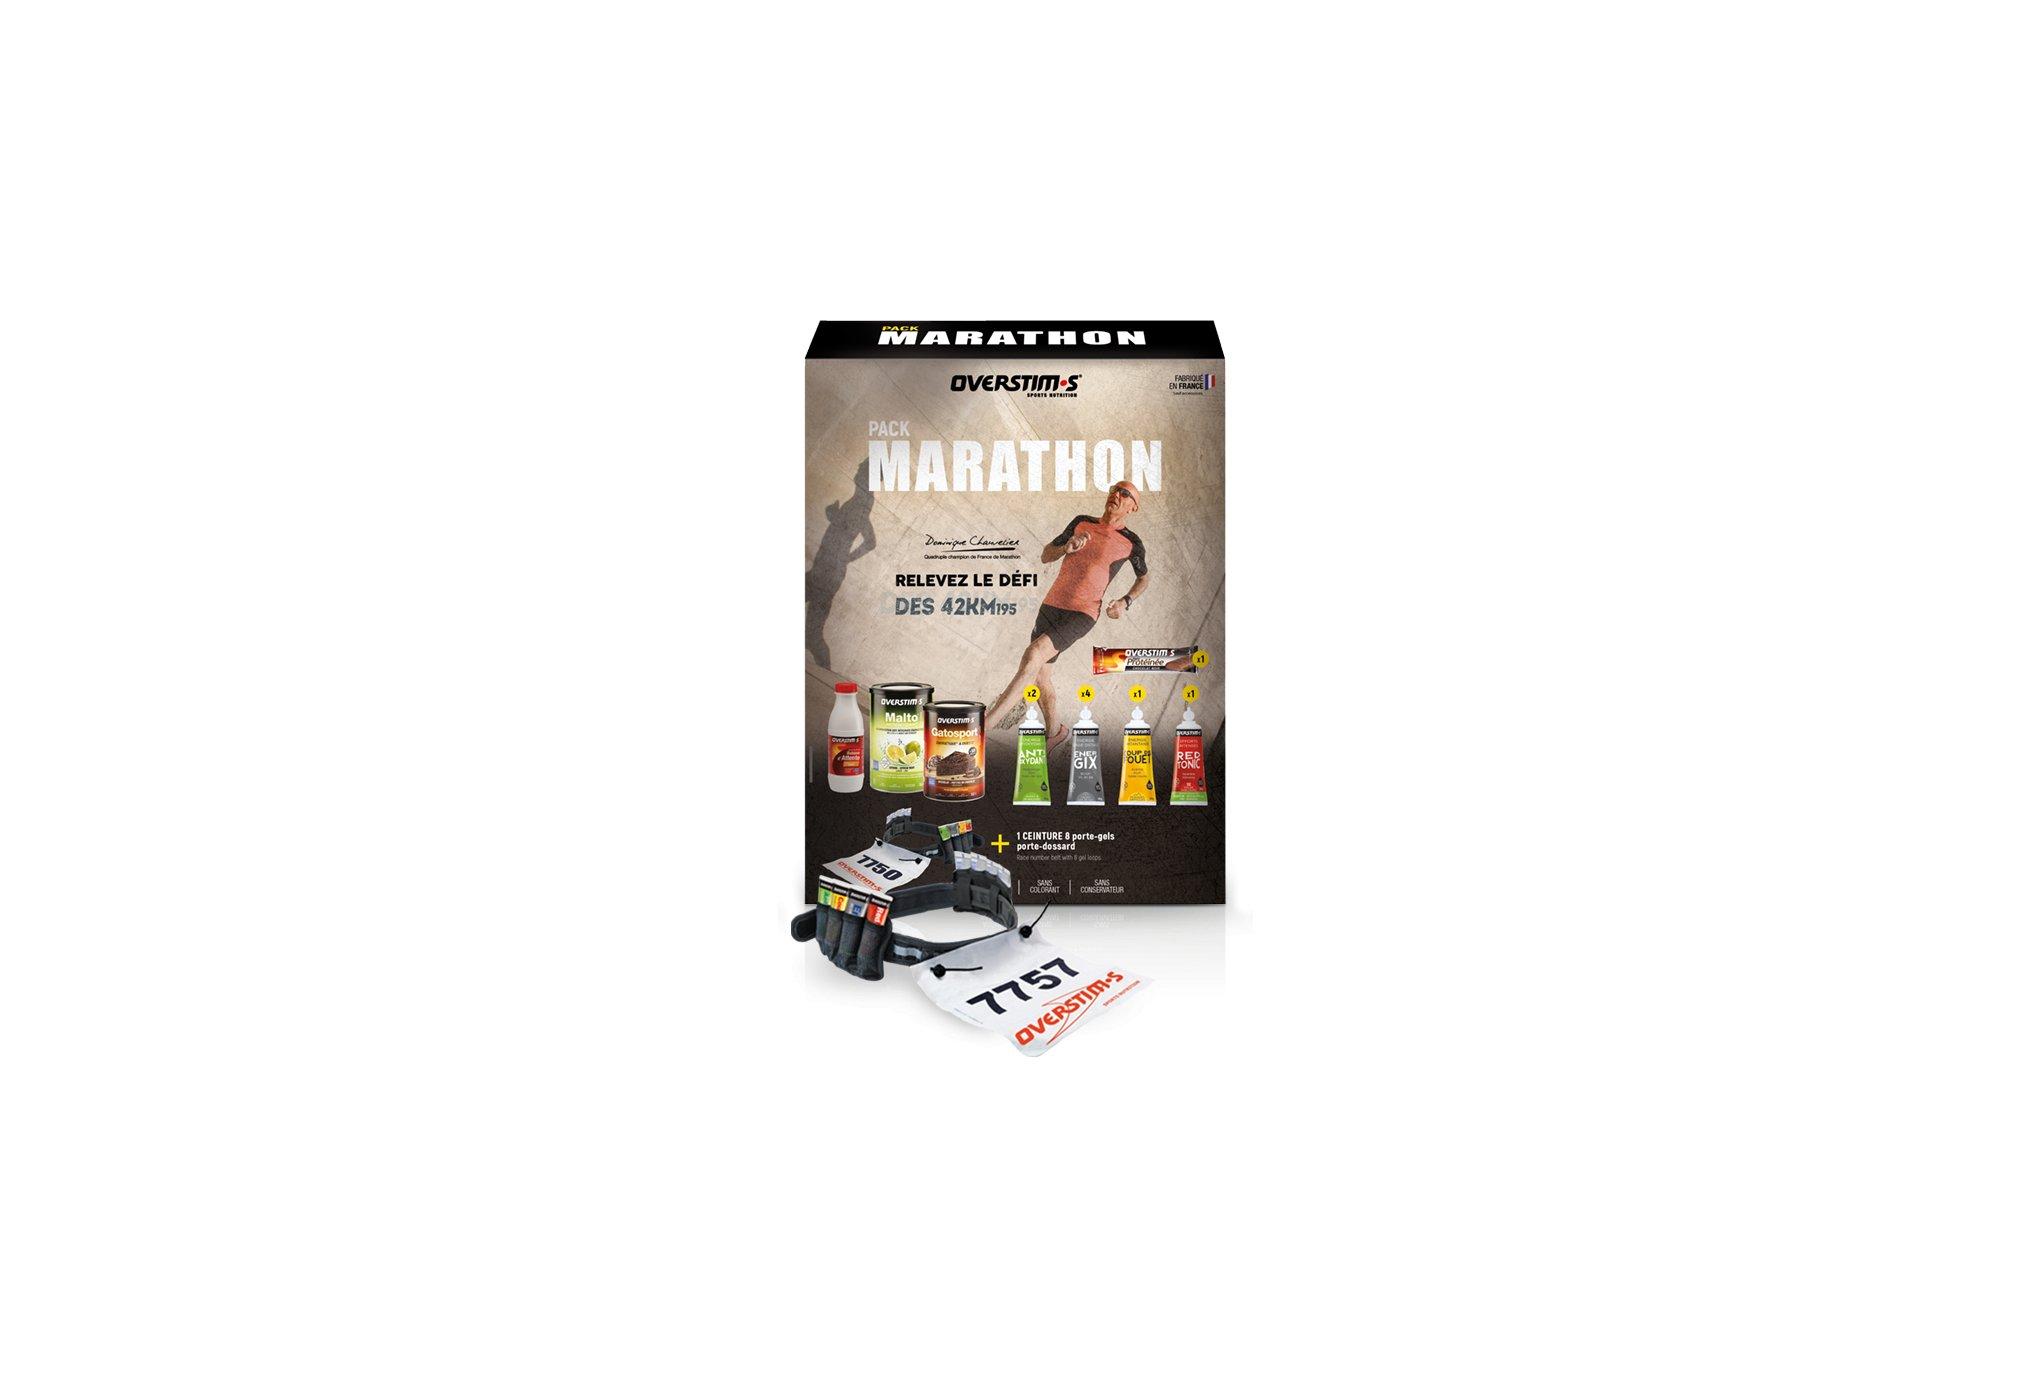 OVERSTIMS Pack Marathon Diététique Packs